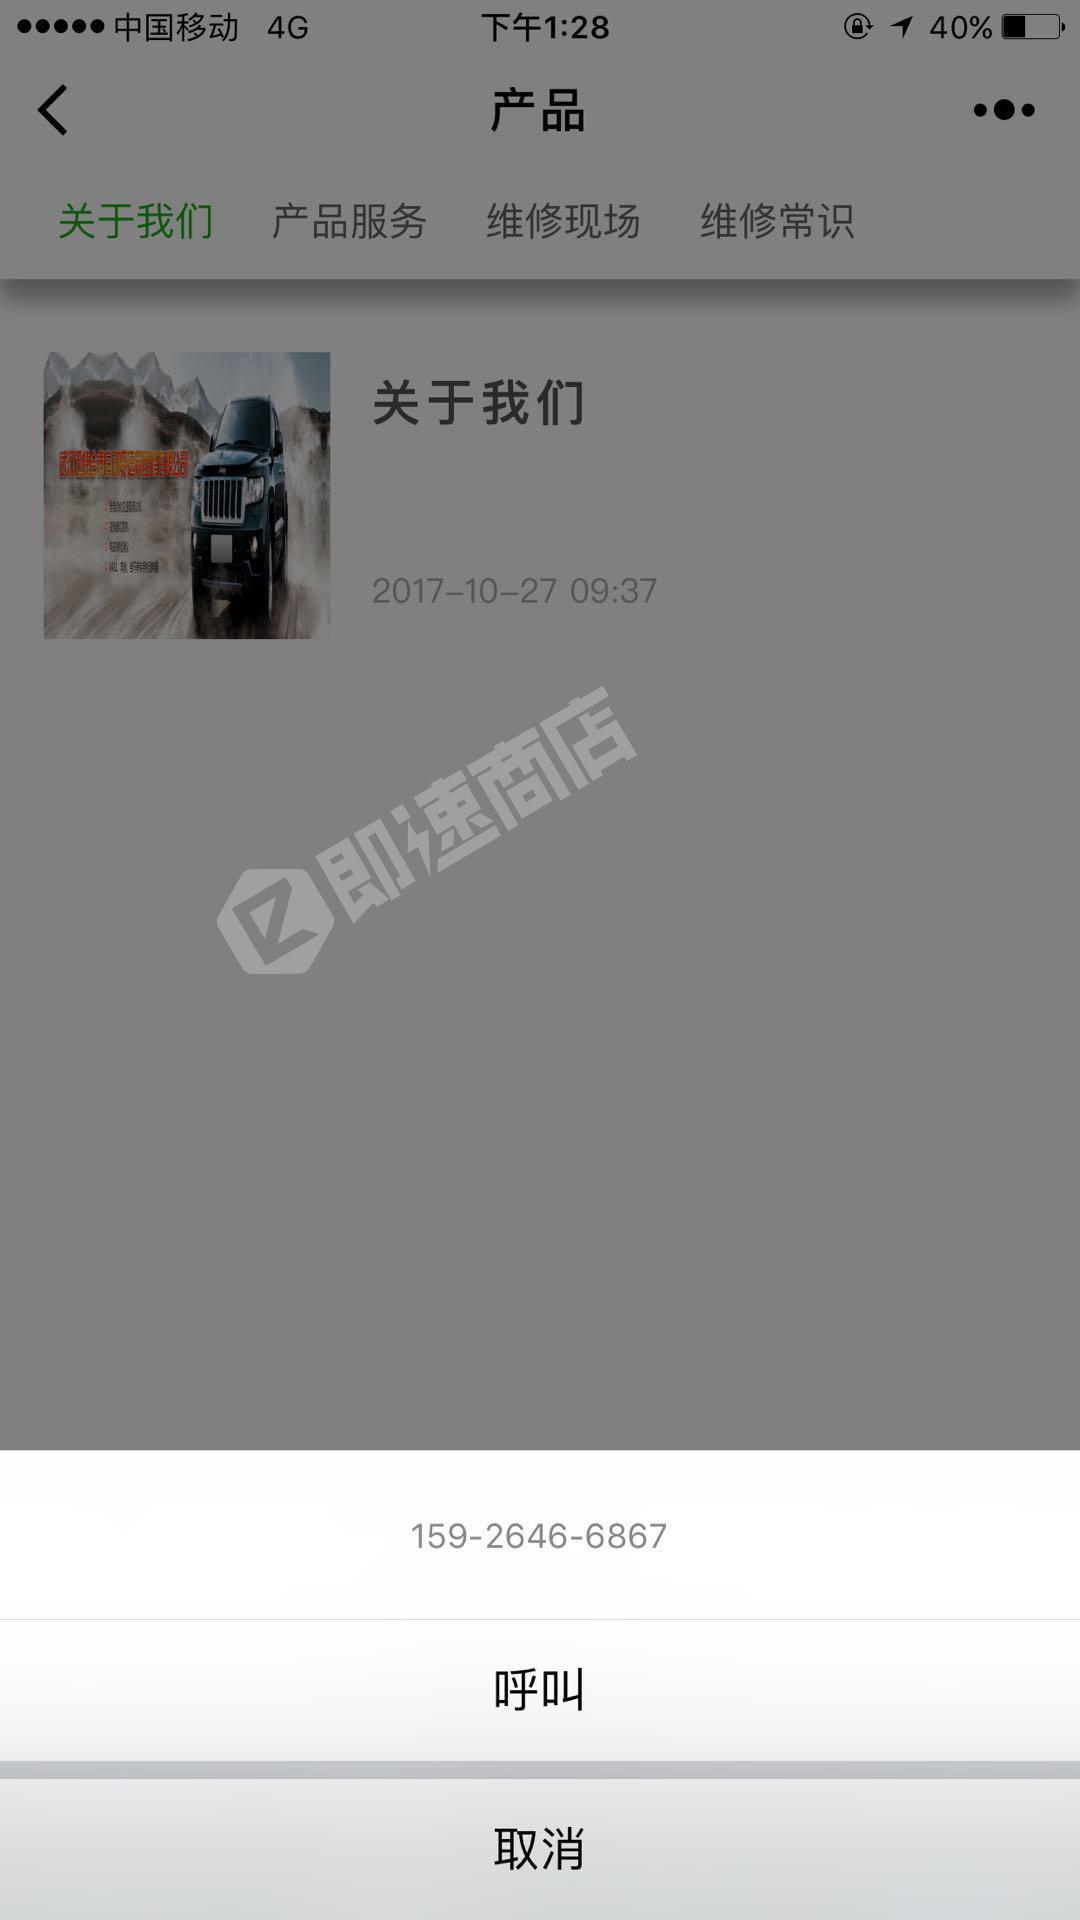 武汉变速箱维修小程序列表页截图